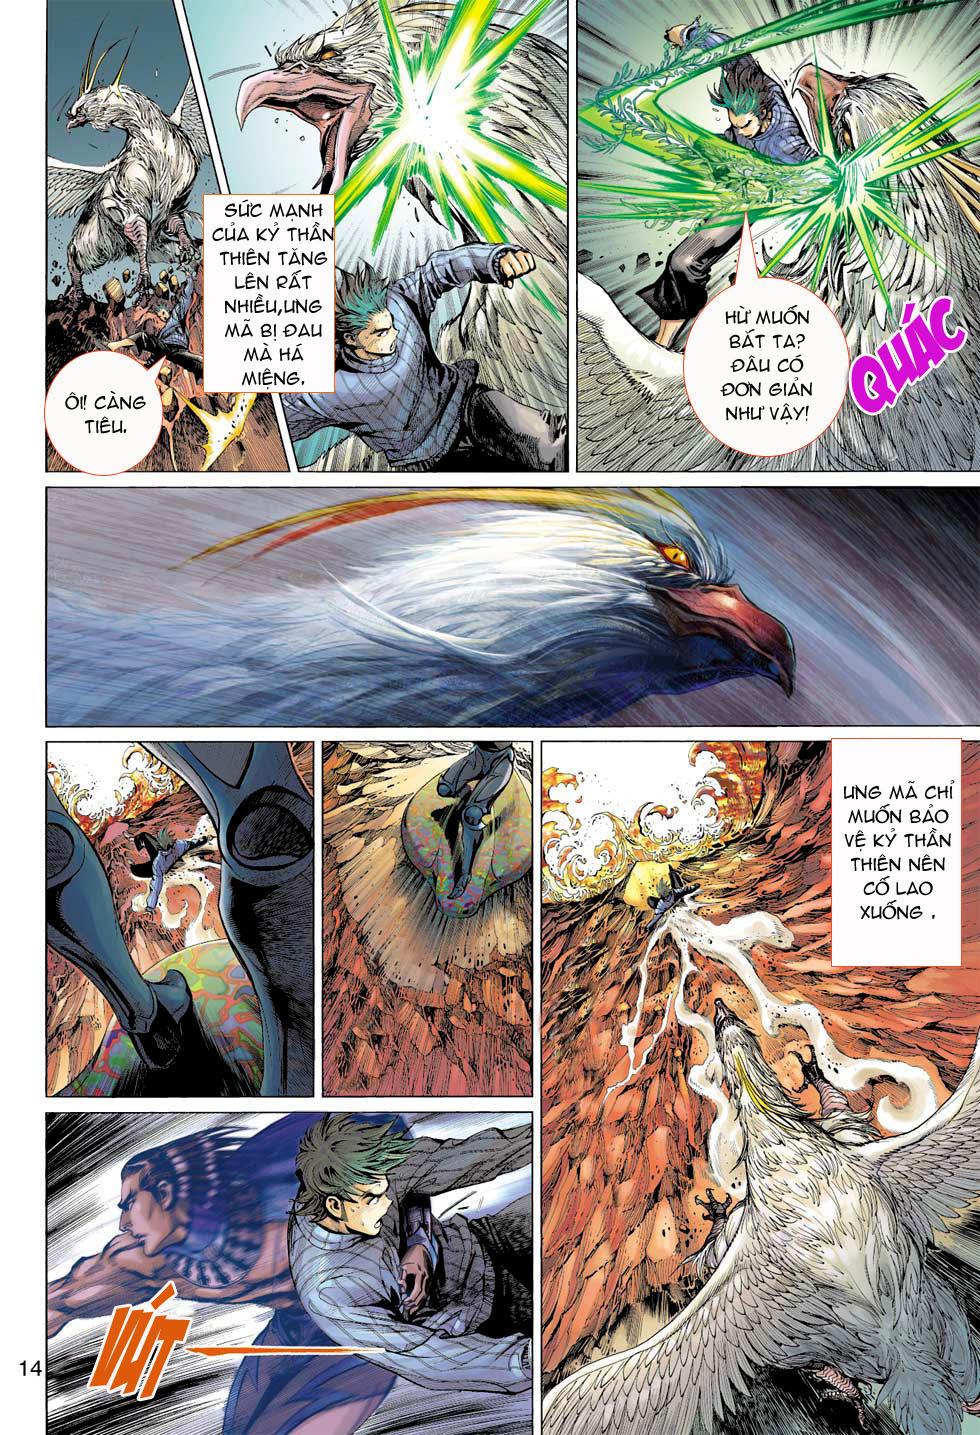 Thần Binh 4 chap 7 - Trang 14